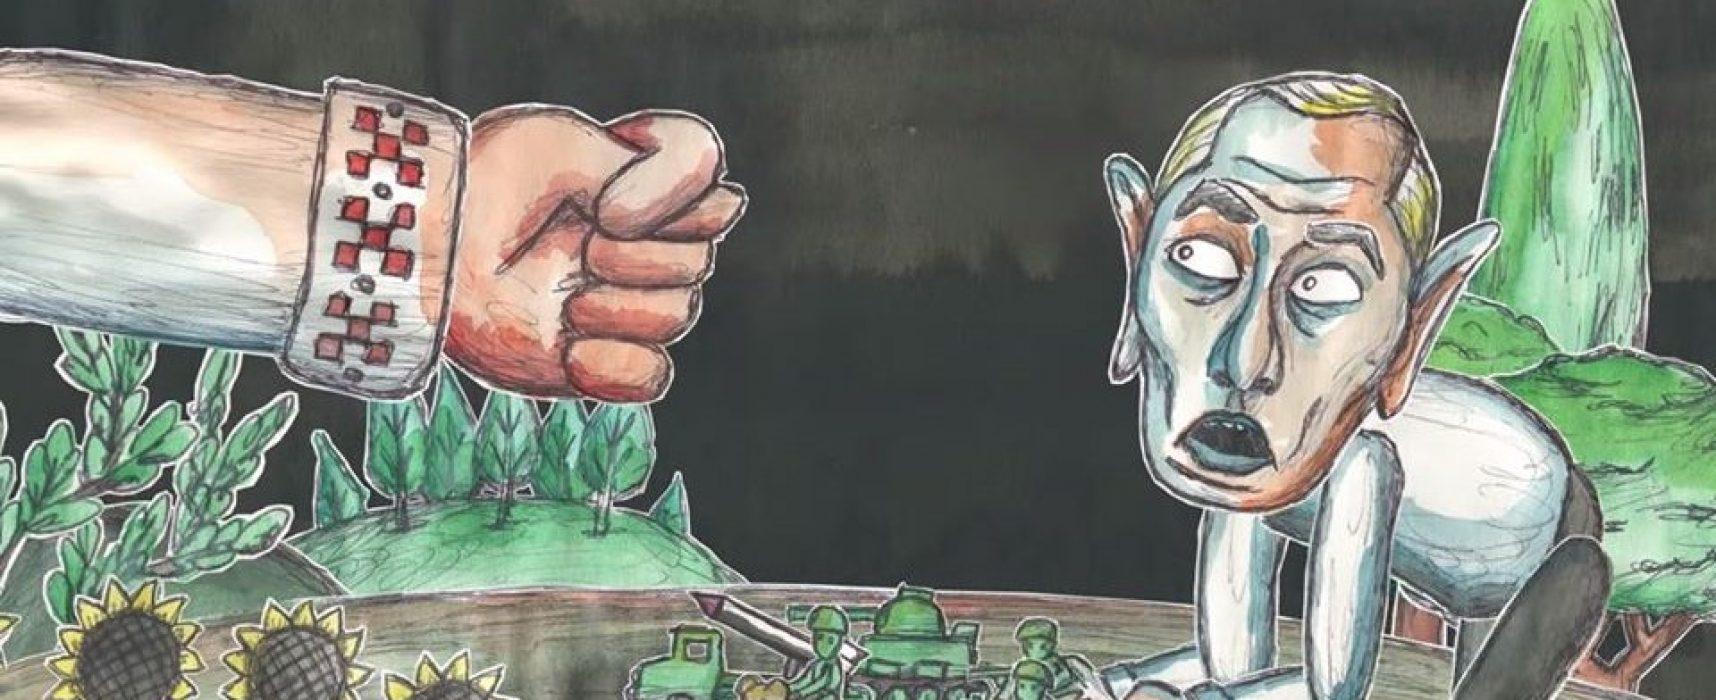 «Вести» раскритиковали украинский исторический рэп, но не упомянули строчку о «кремлевском выродке»